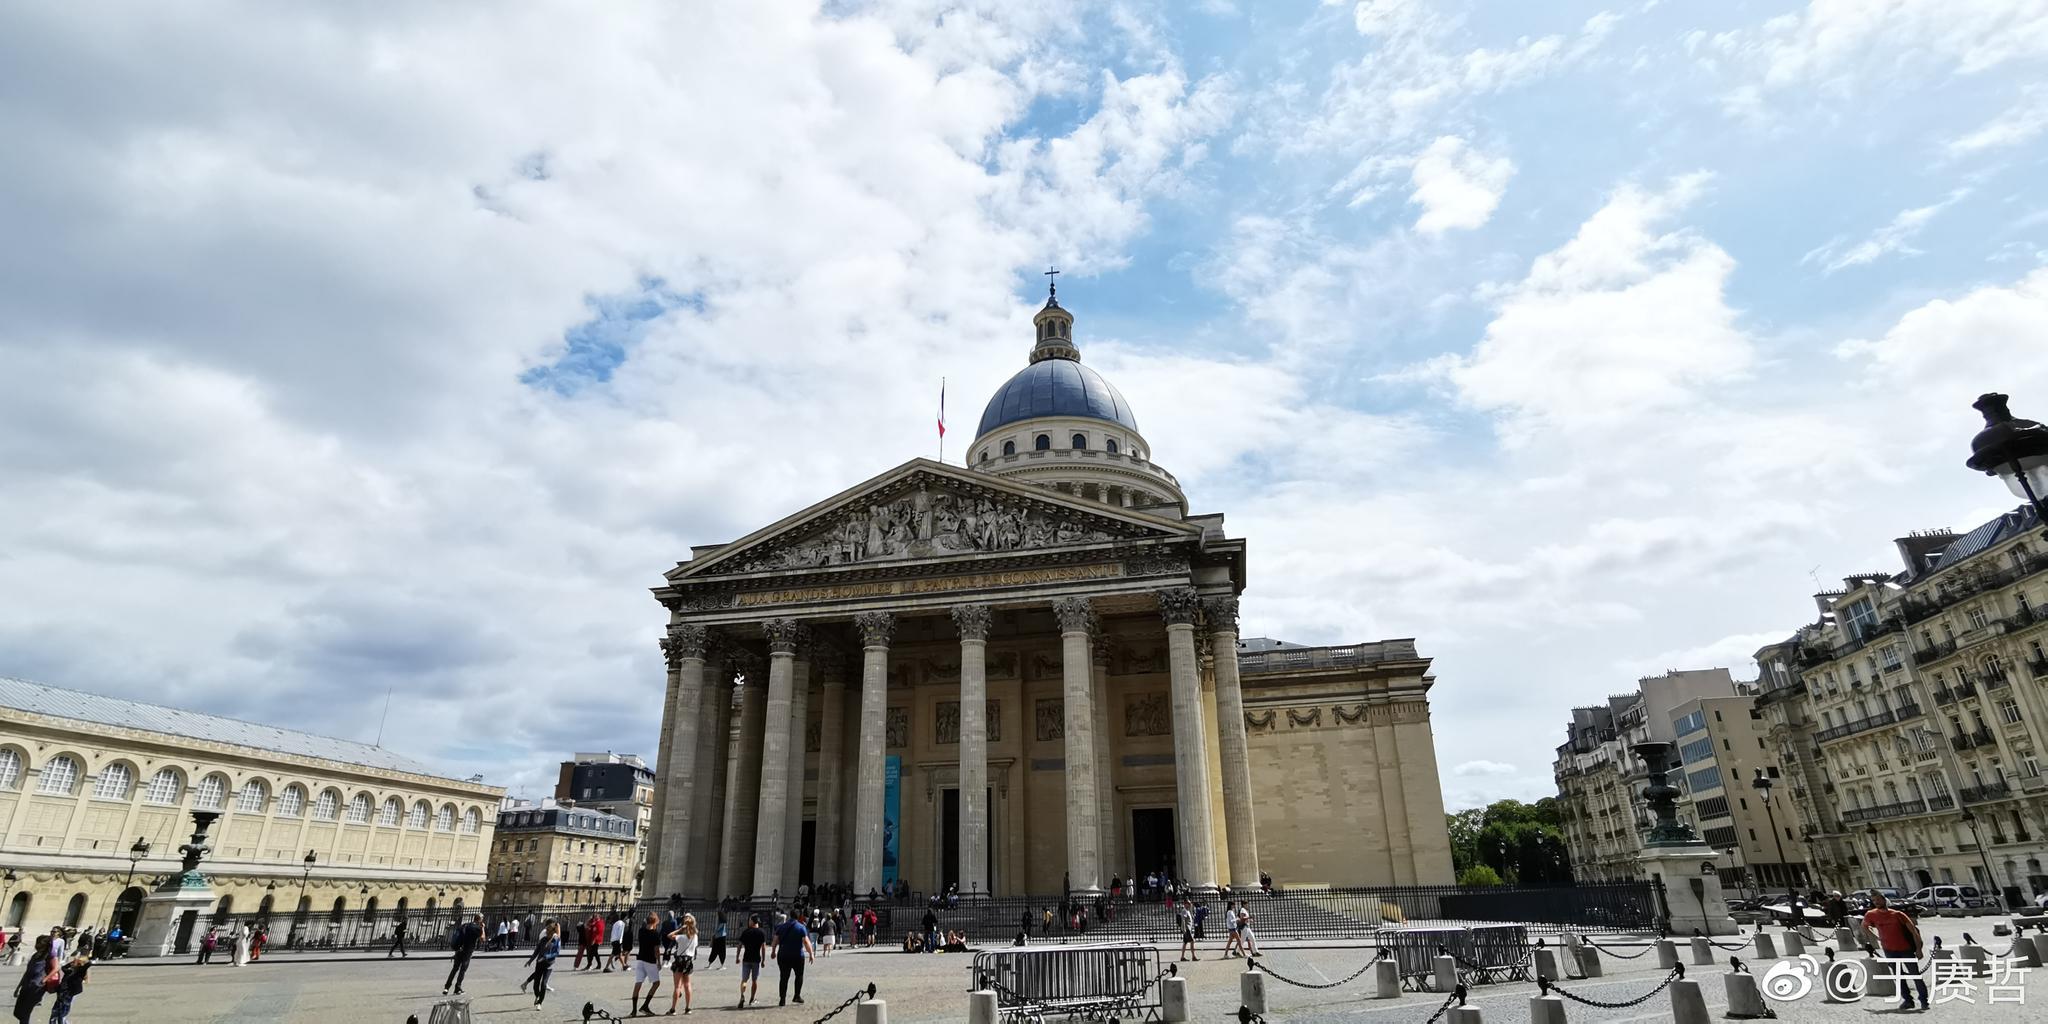 法国先贤祠,伏尔泰和卢梭的棺椁隔着通道相对,伏尔泰有雕像